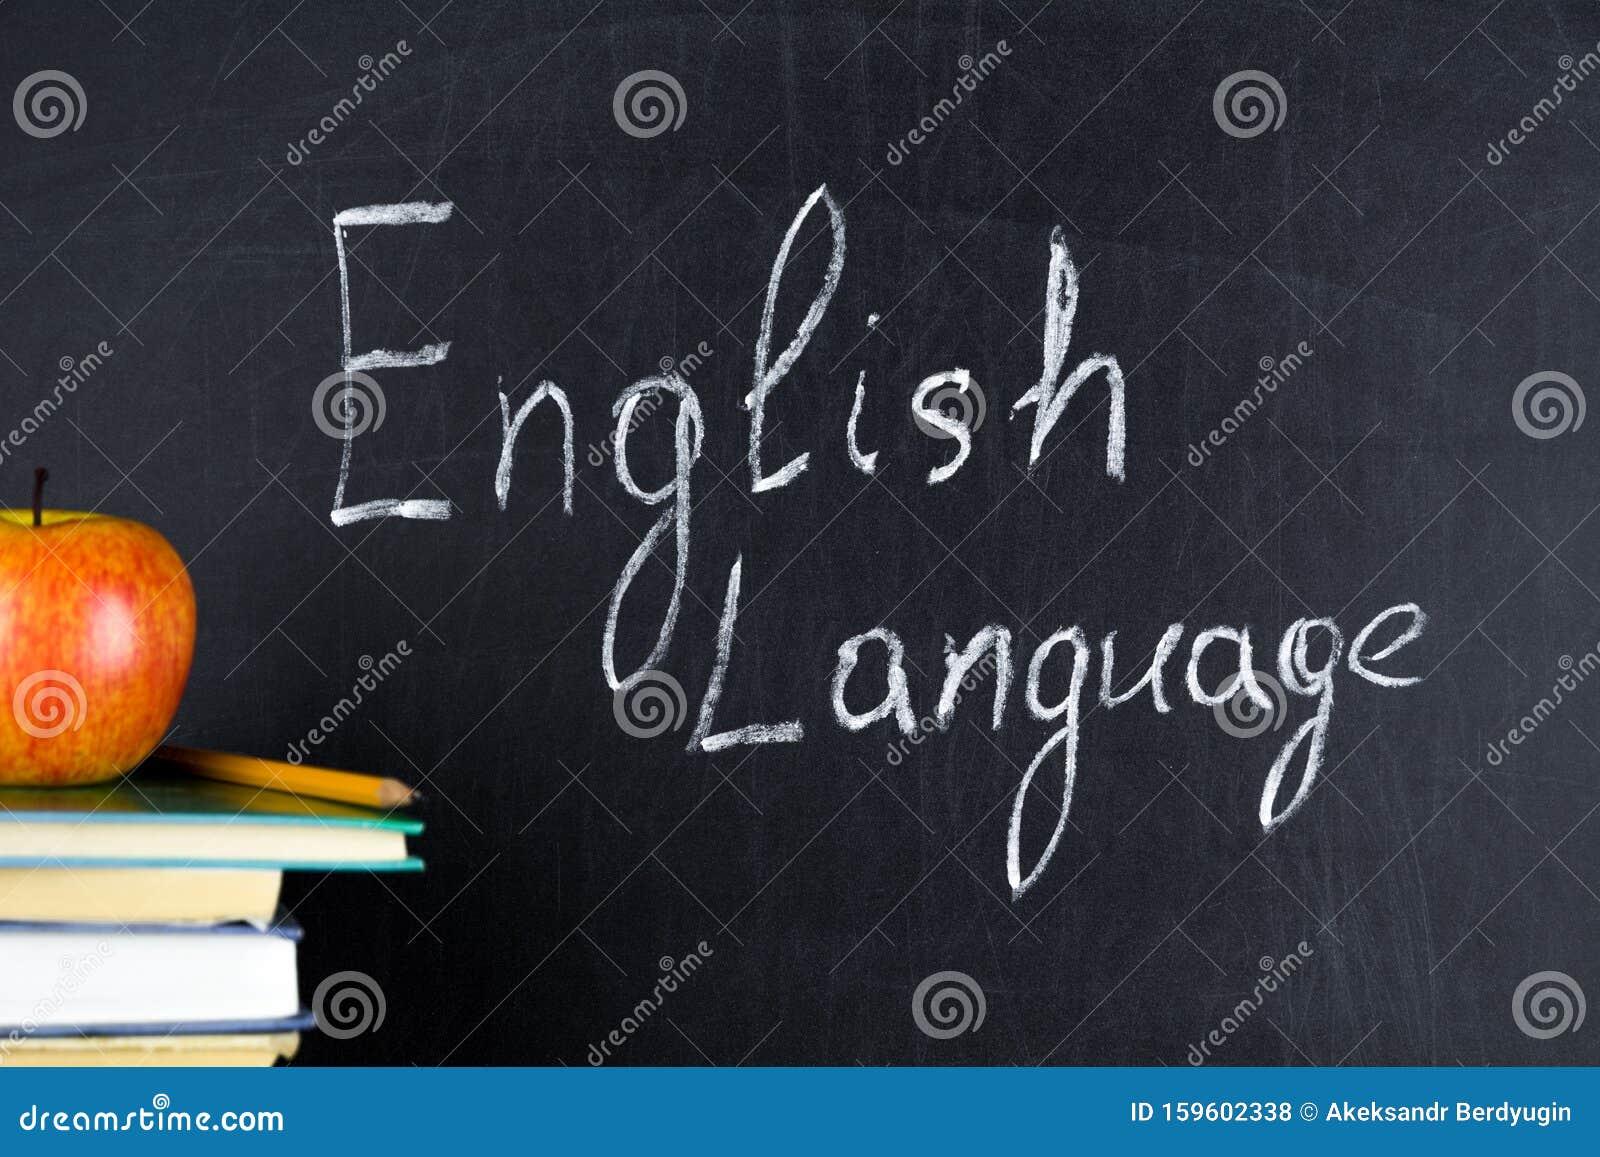 Anglais Dessin De La Langue Anglaise Sur Un Tableau Noir Photo Stock Image Du Anglais Tableau 159602338